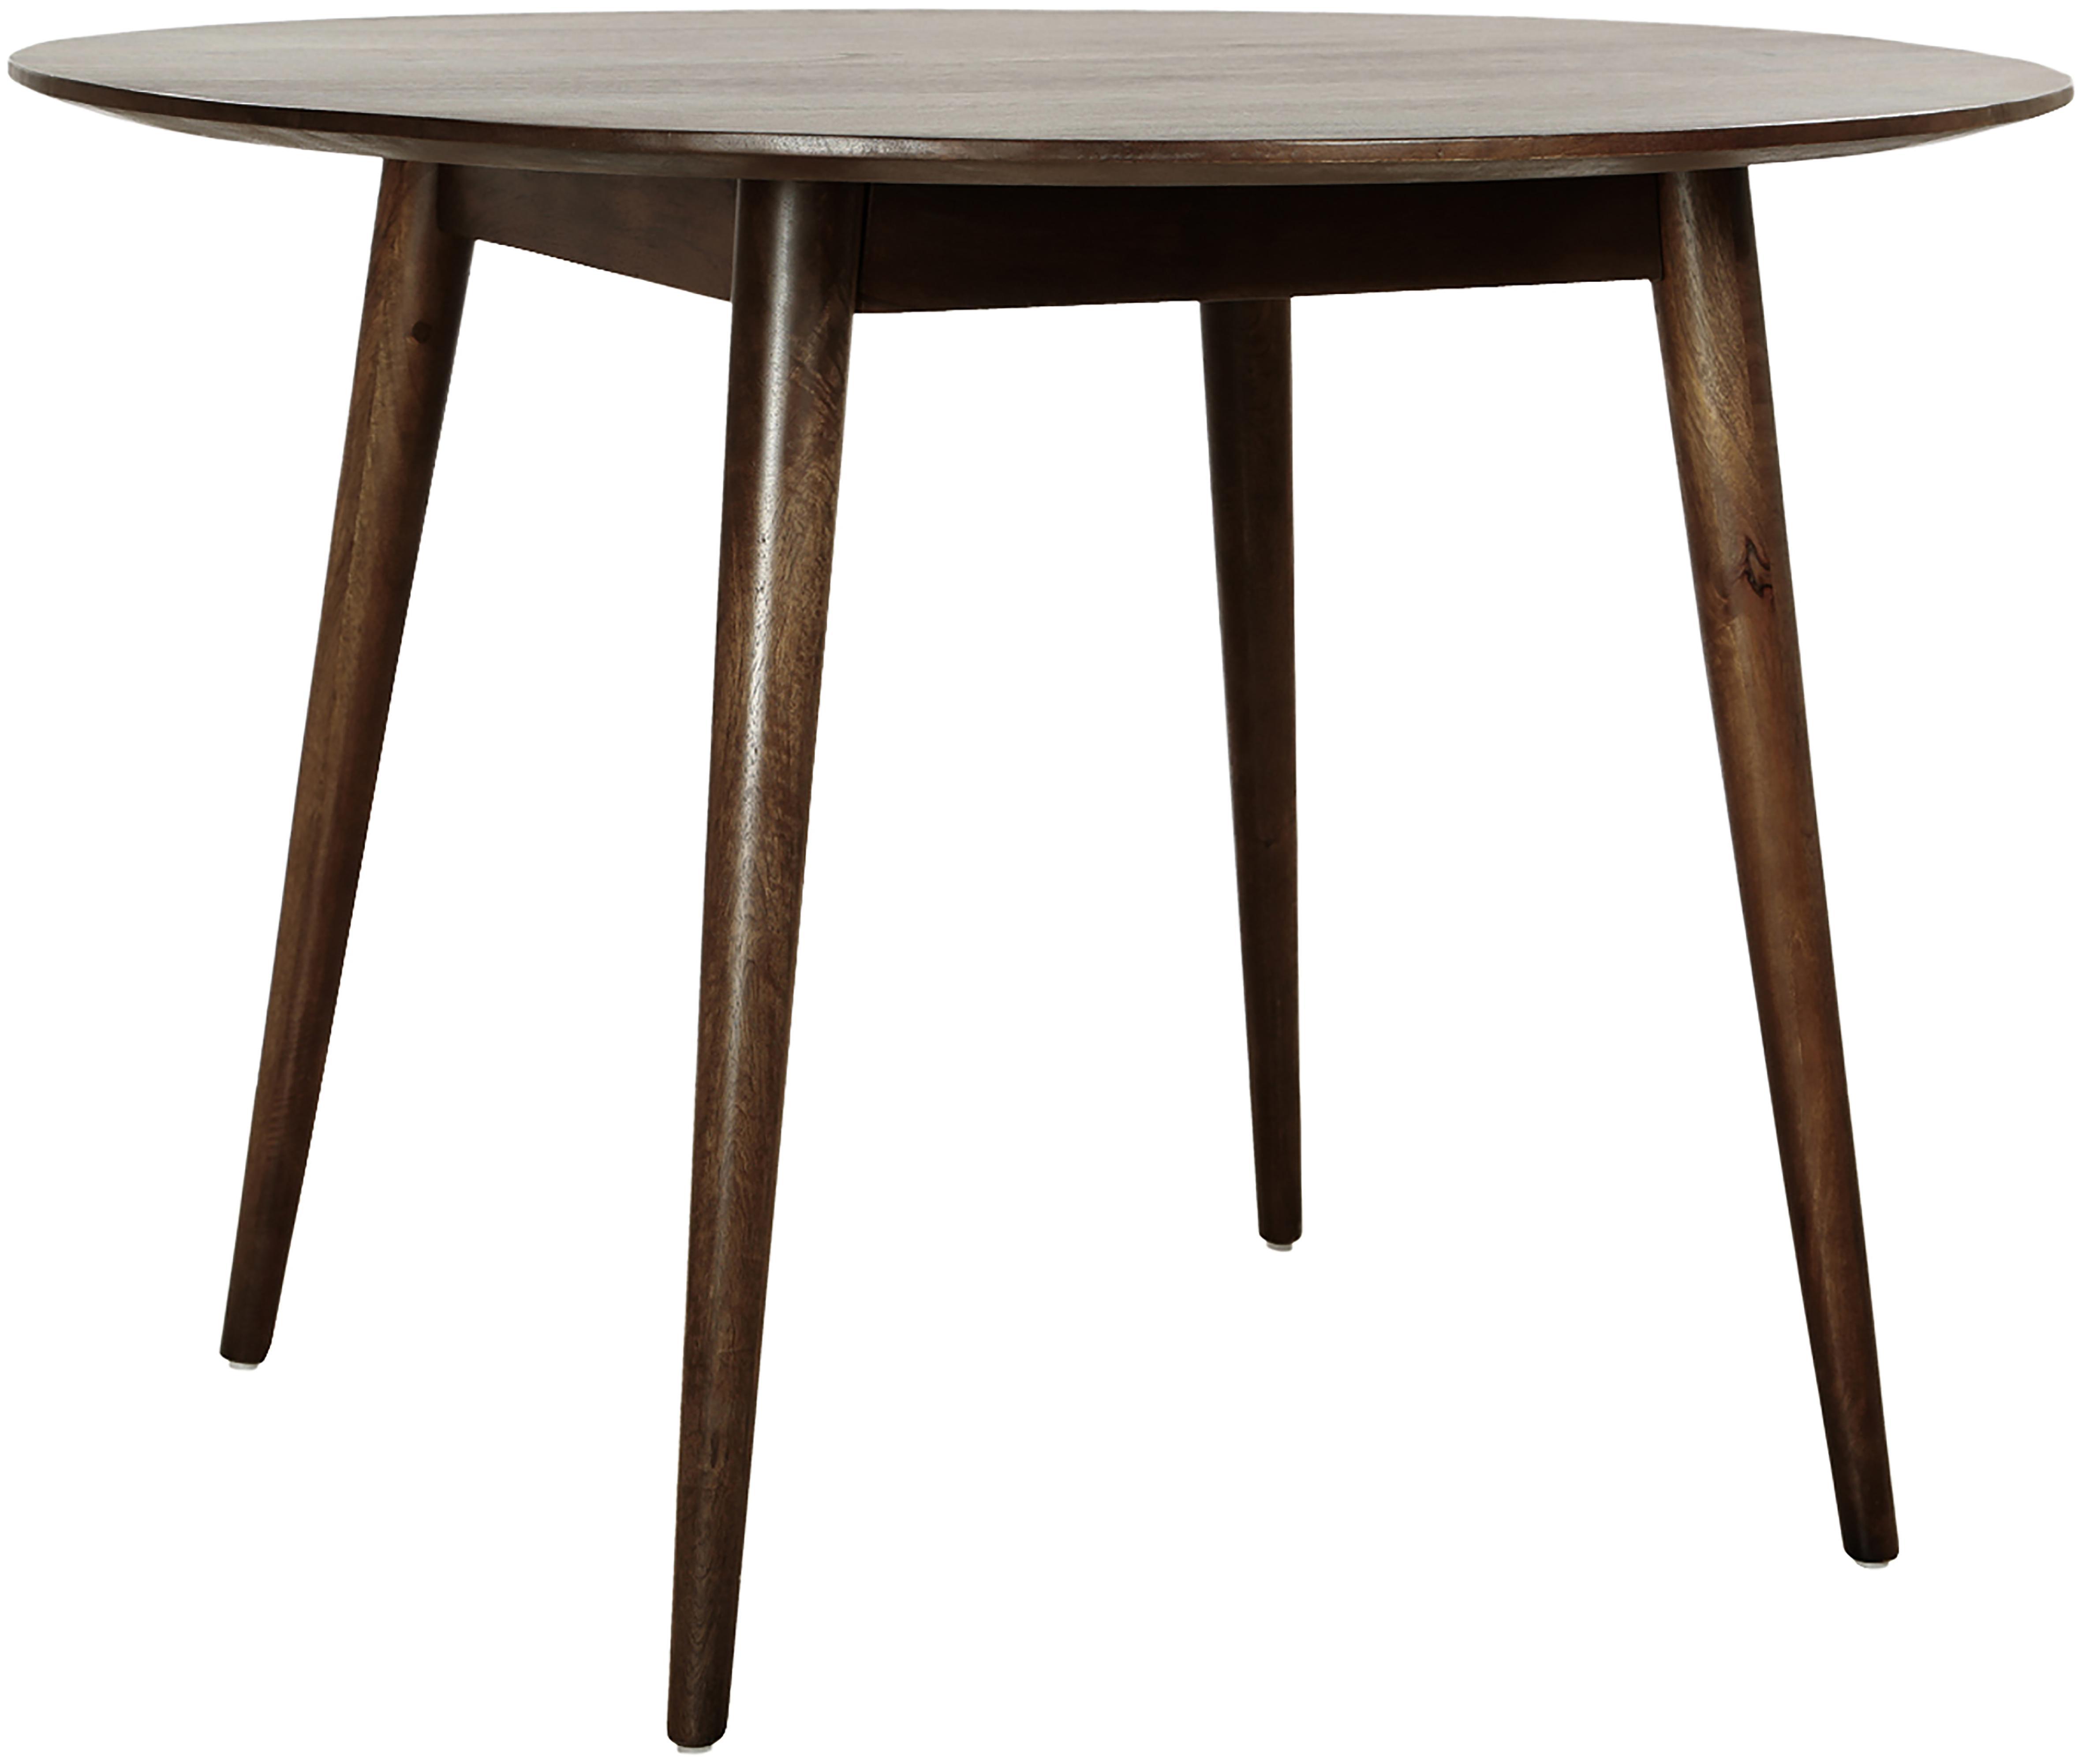 Ronde massief houten eettafel Oscar, Gelakt massief mangohout, Donkerbruin, Ø 106 cm